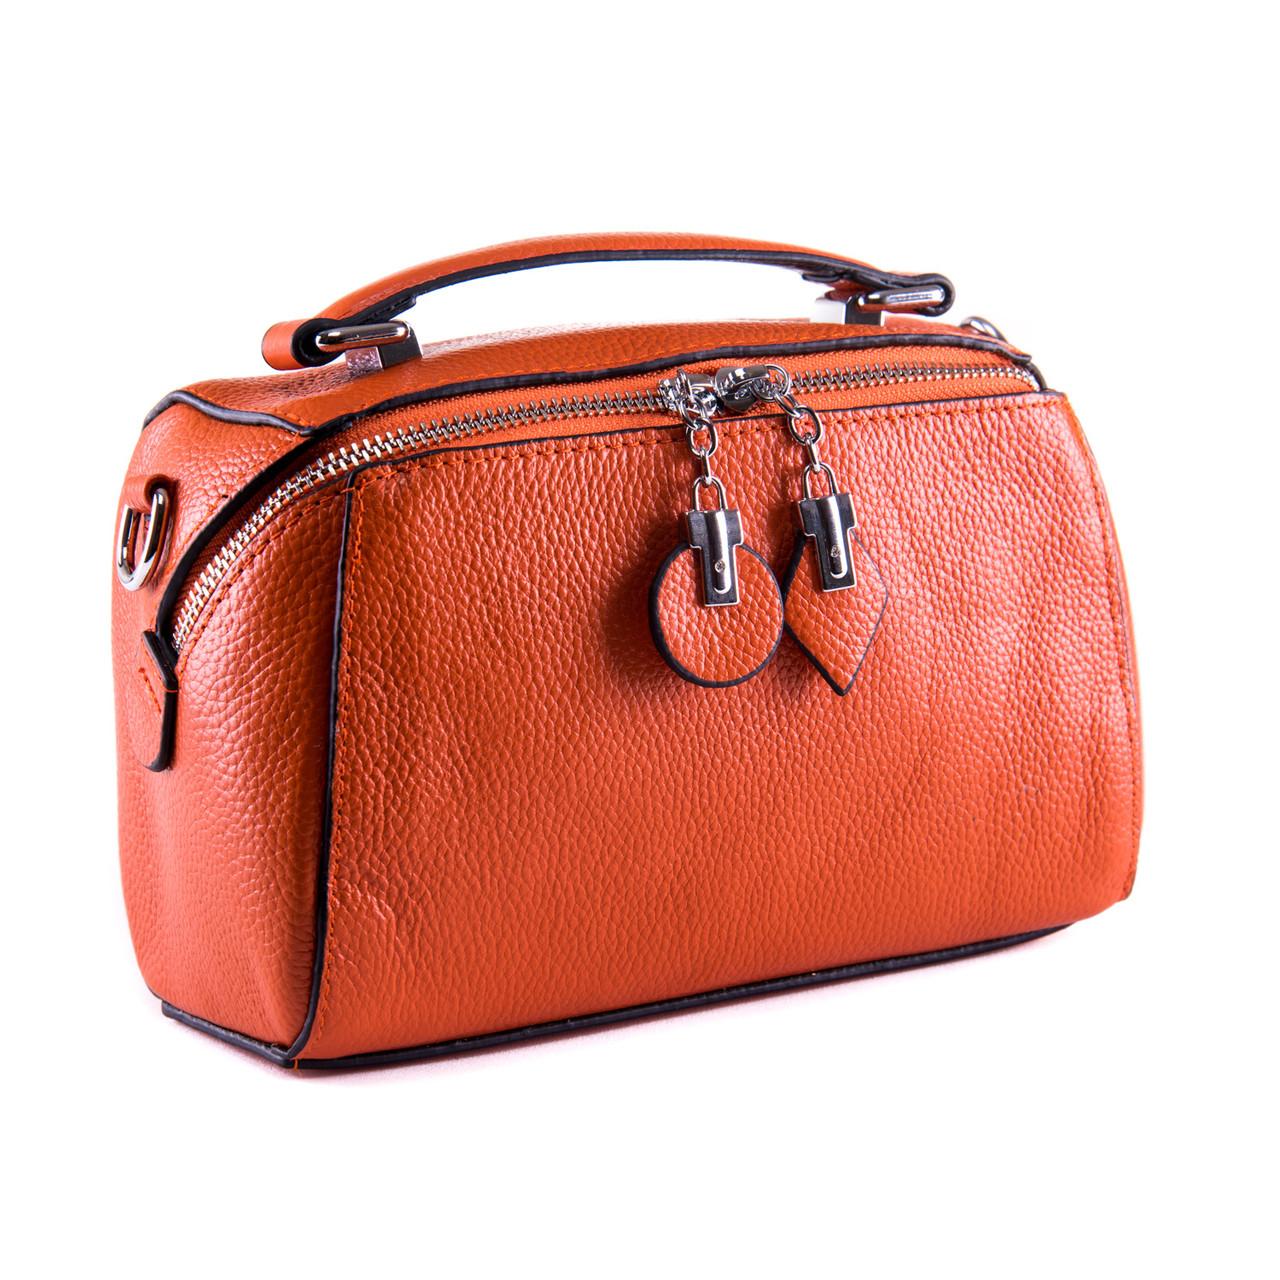 PODIUM Сумка Женская Клатч кожа ALEX RAI 1-02 29018-10 orange